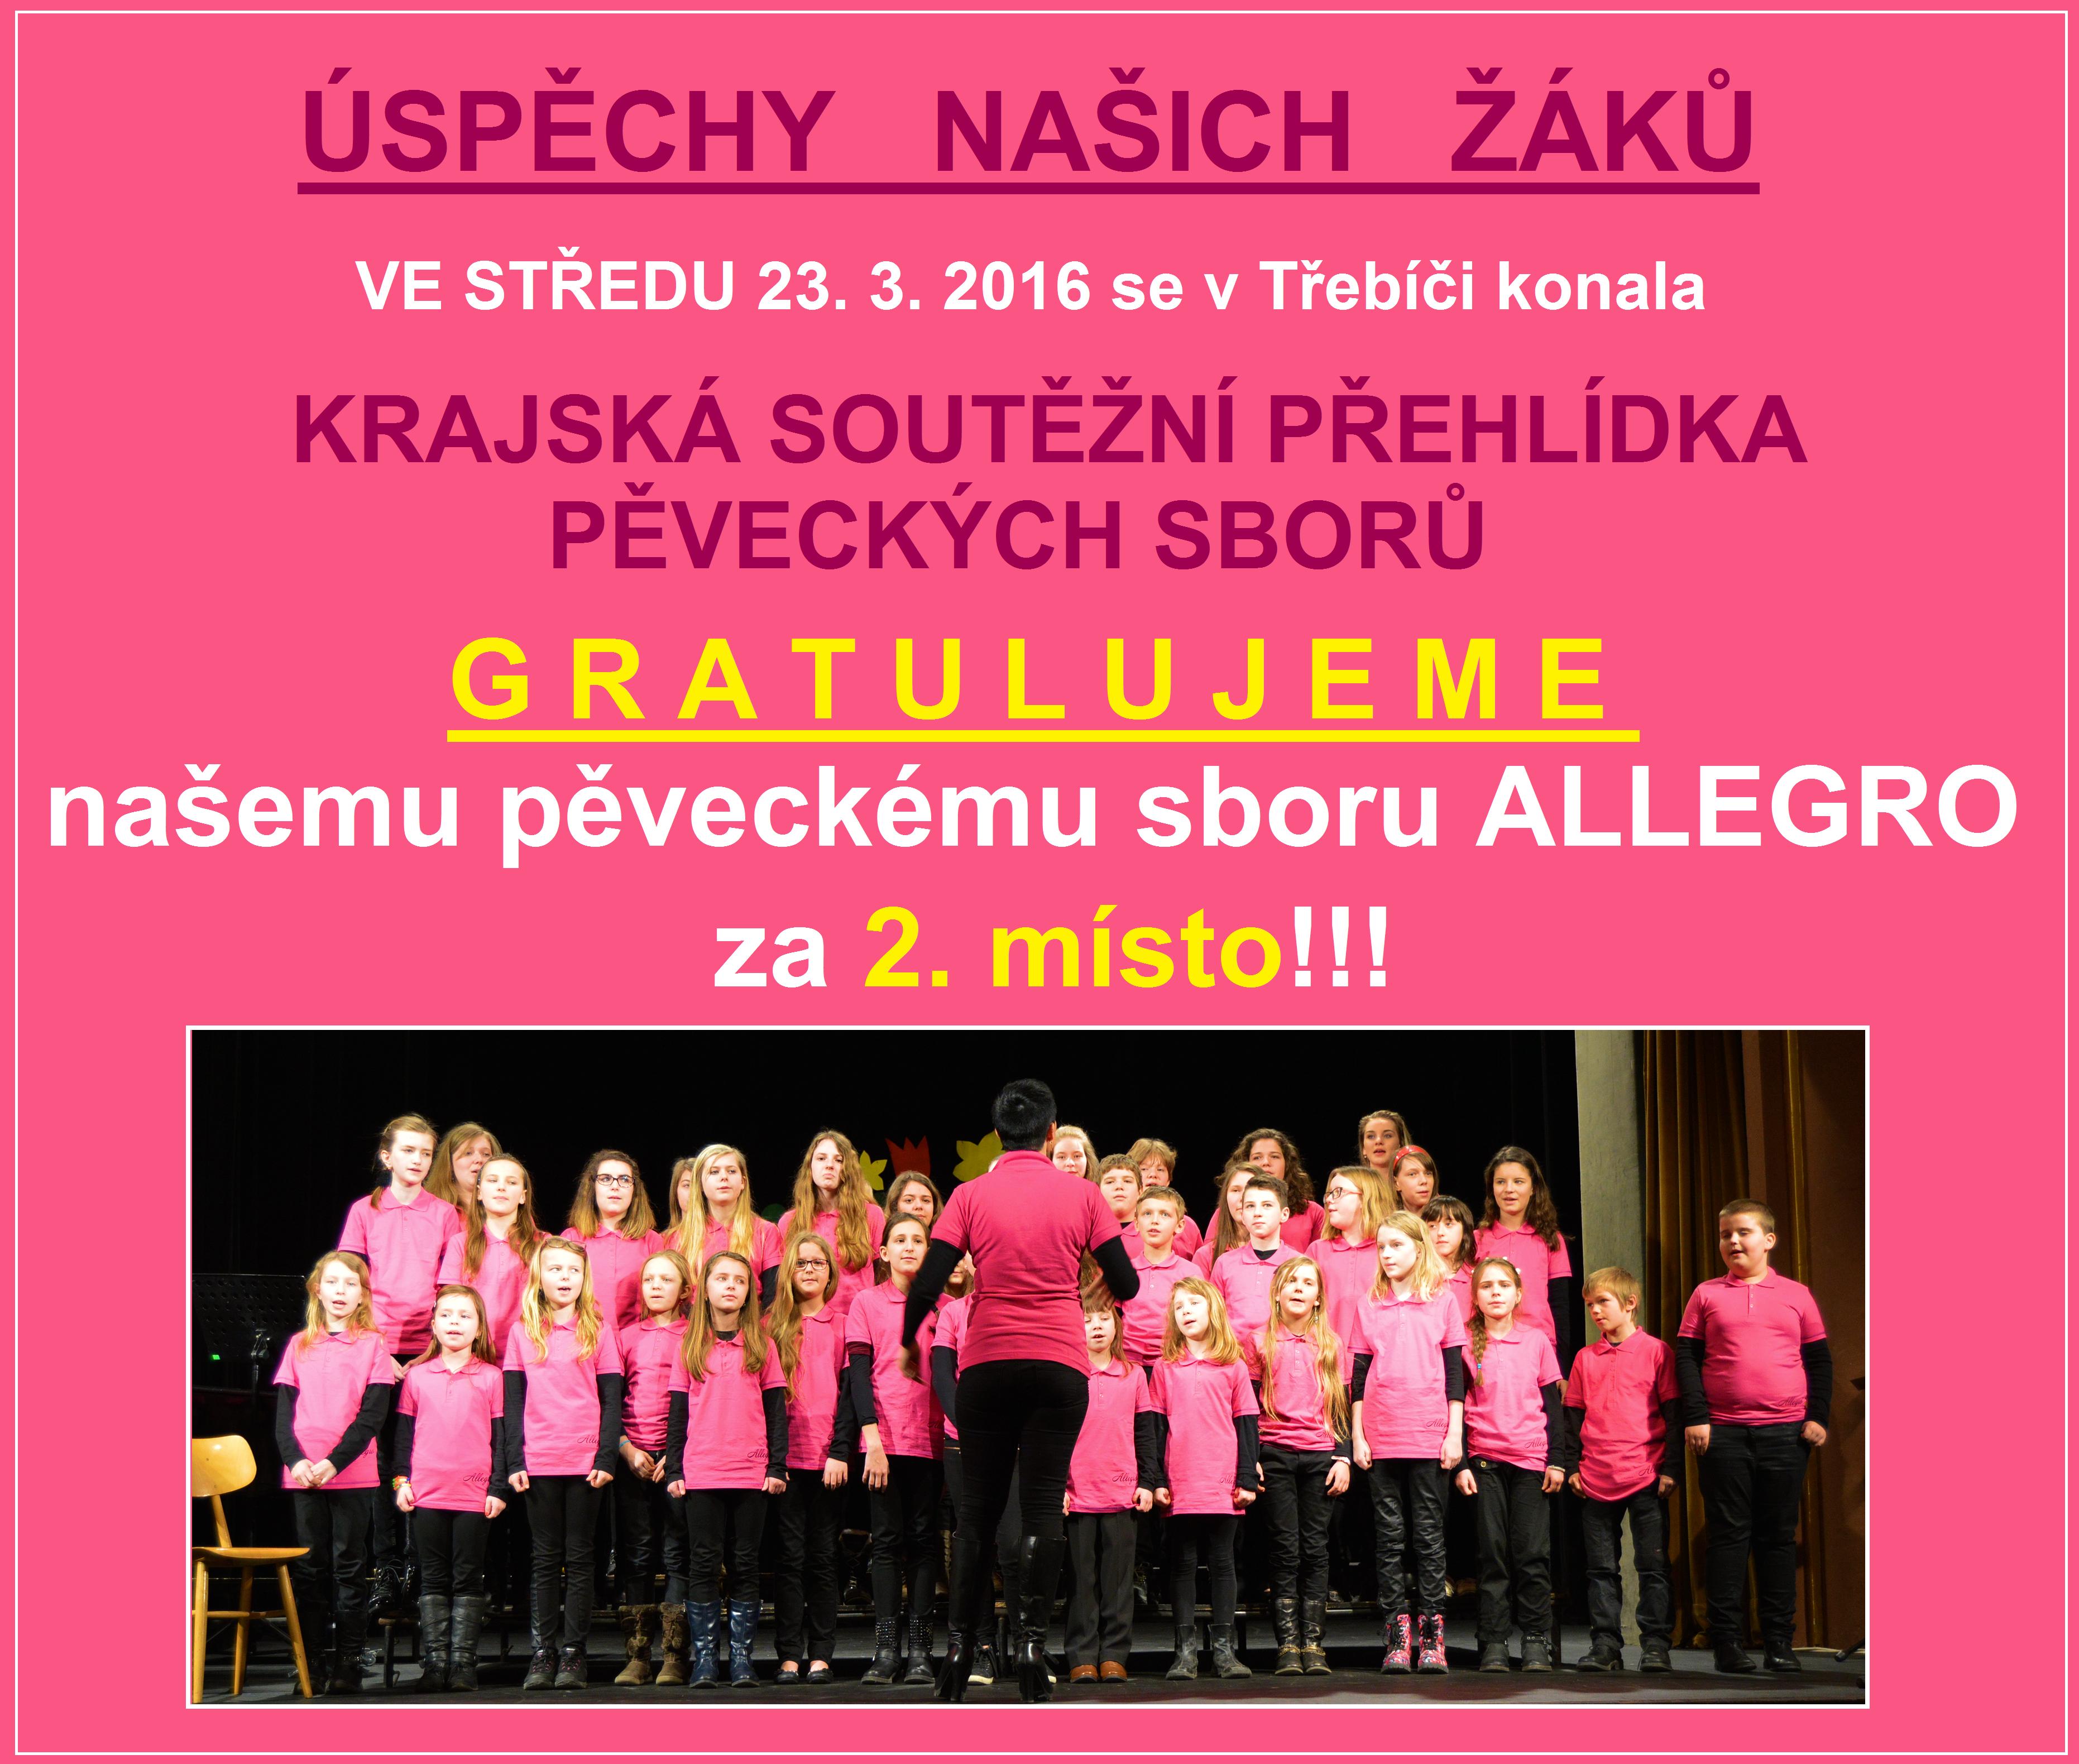 KRAJSKÁ SOUTĚŽNÍ PŘEHLÍDKA PĚVECKÝCH SBORŮ - 23. 3. 2016 - TŘEBÍČ